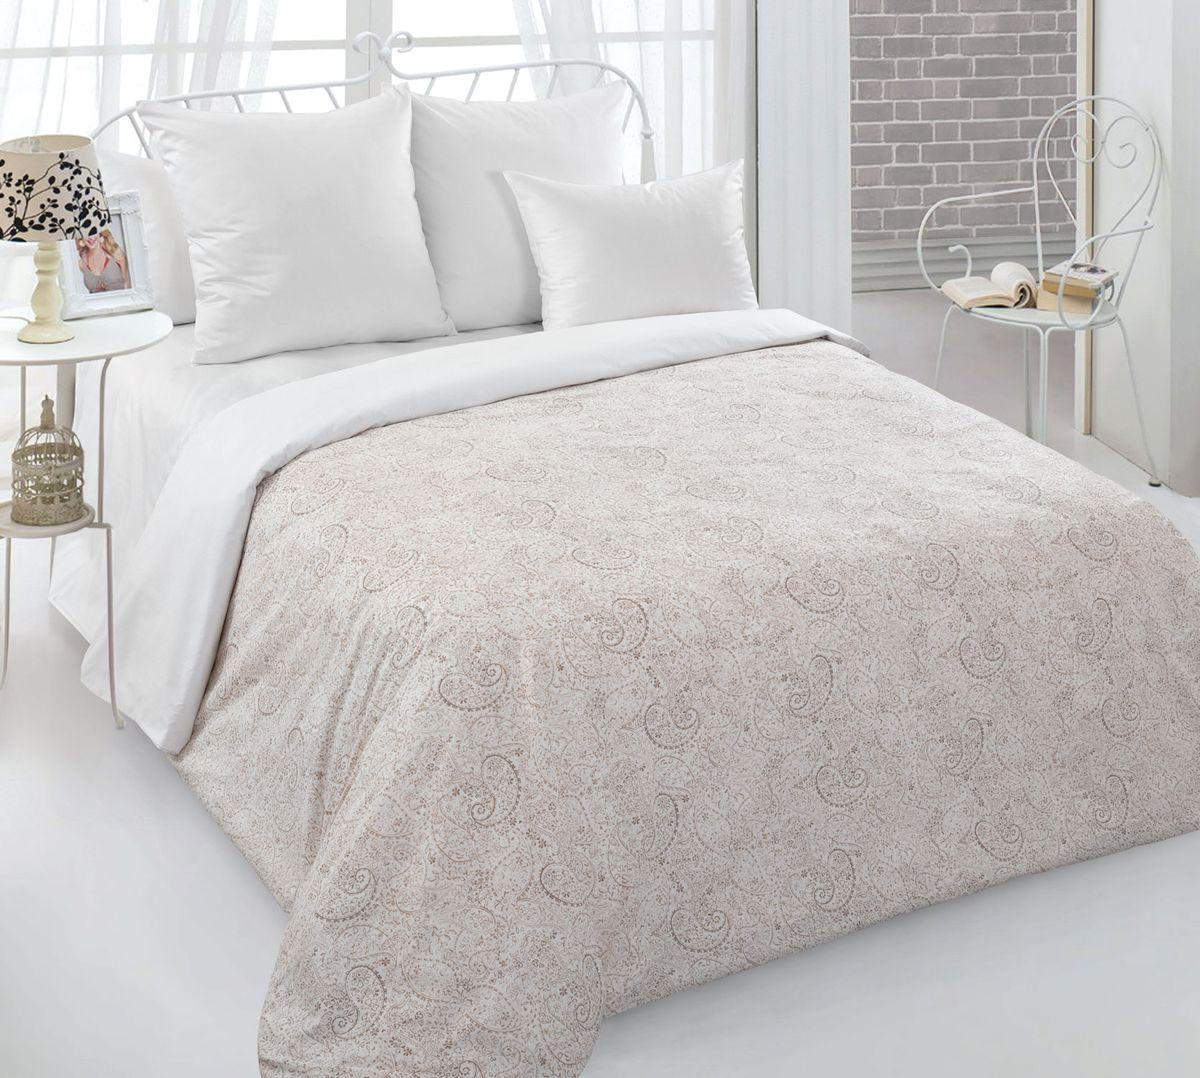 Комплект постельного белья 2-спальный с Евро простыней, перкаль (Музыка времени)